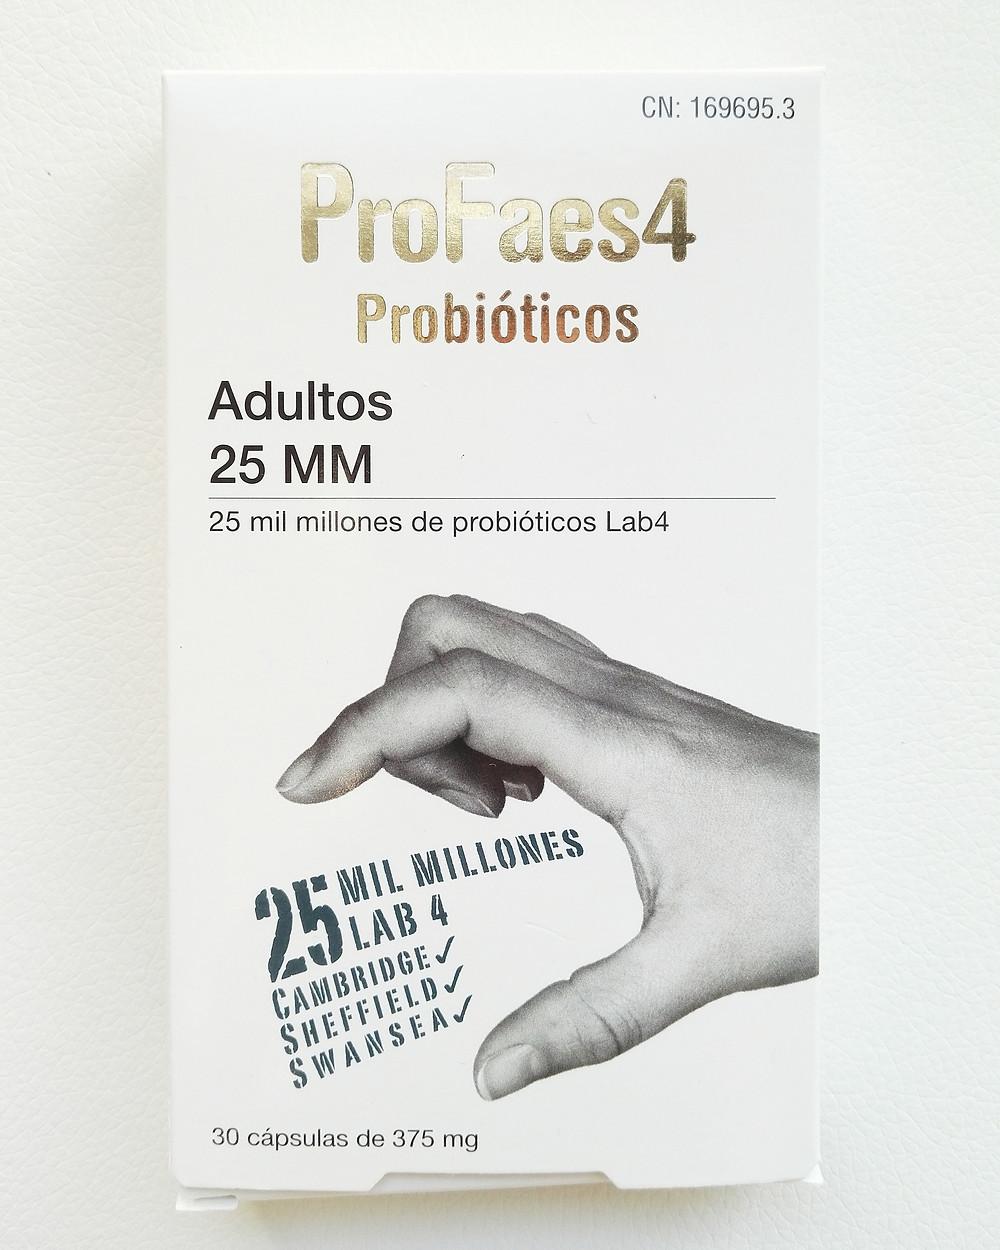 Probiòtics antibiòtics probióticos antibóticos 02